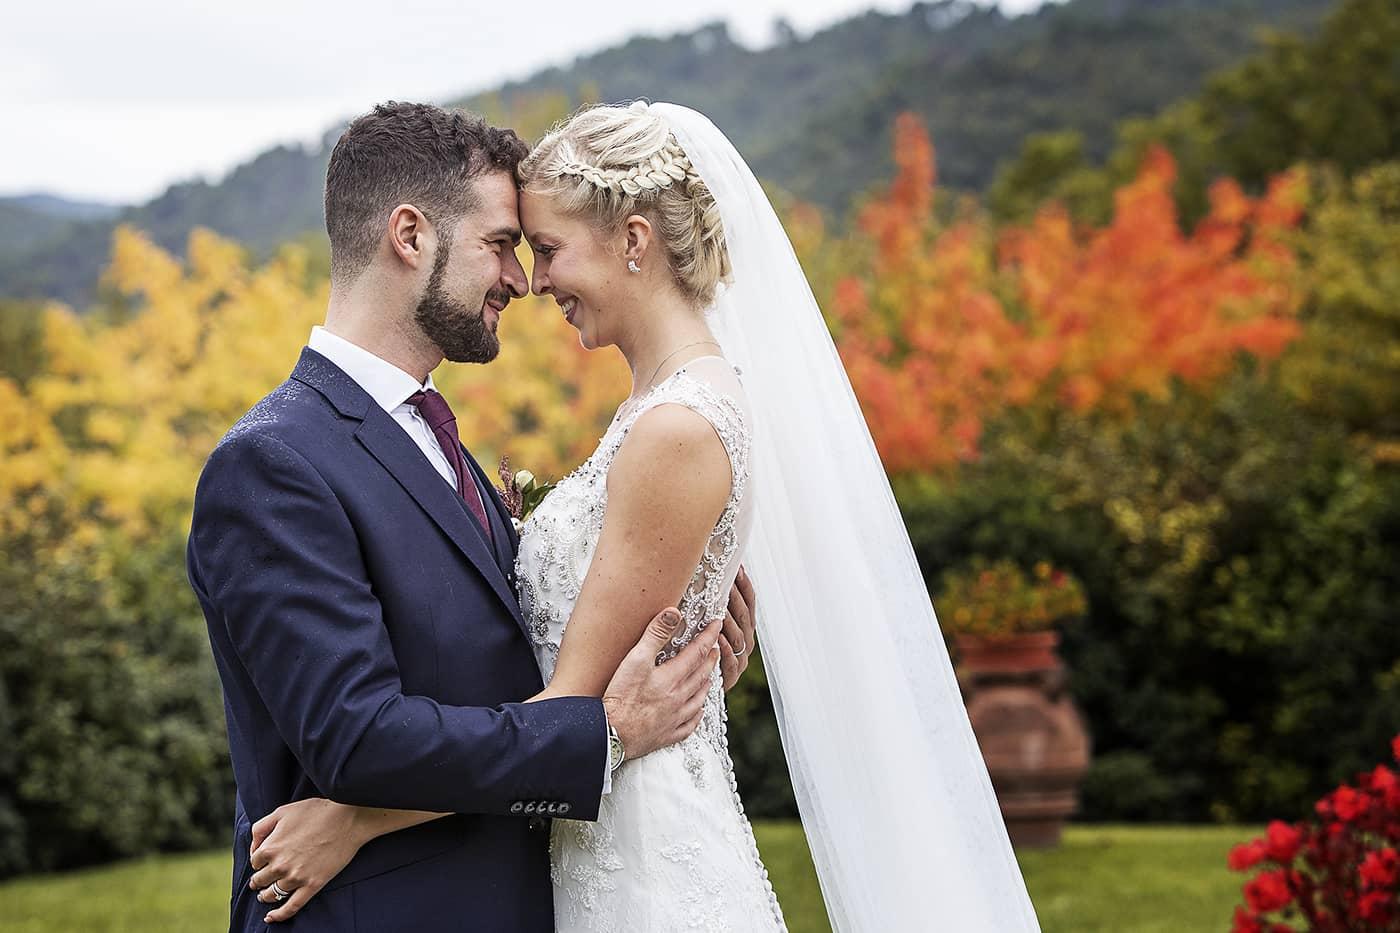 Vilma Wedding & Event Planner _ Vilma Rapšaitė _ vestuvės Italijoje _ veatuvės 2021 _ vestuvi organizatorė _ santuoka užsienyje _ vestuvės rudenį